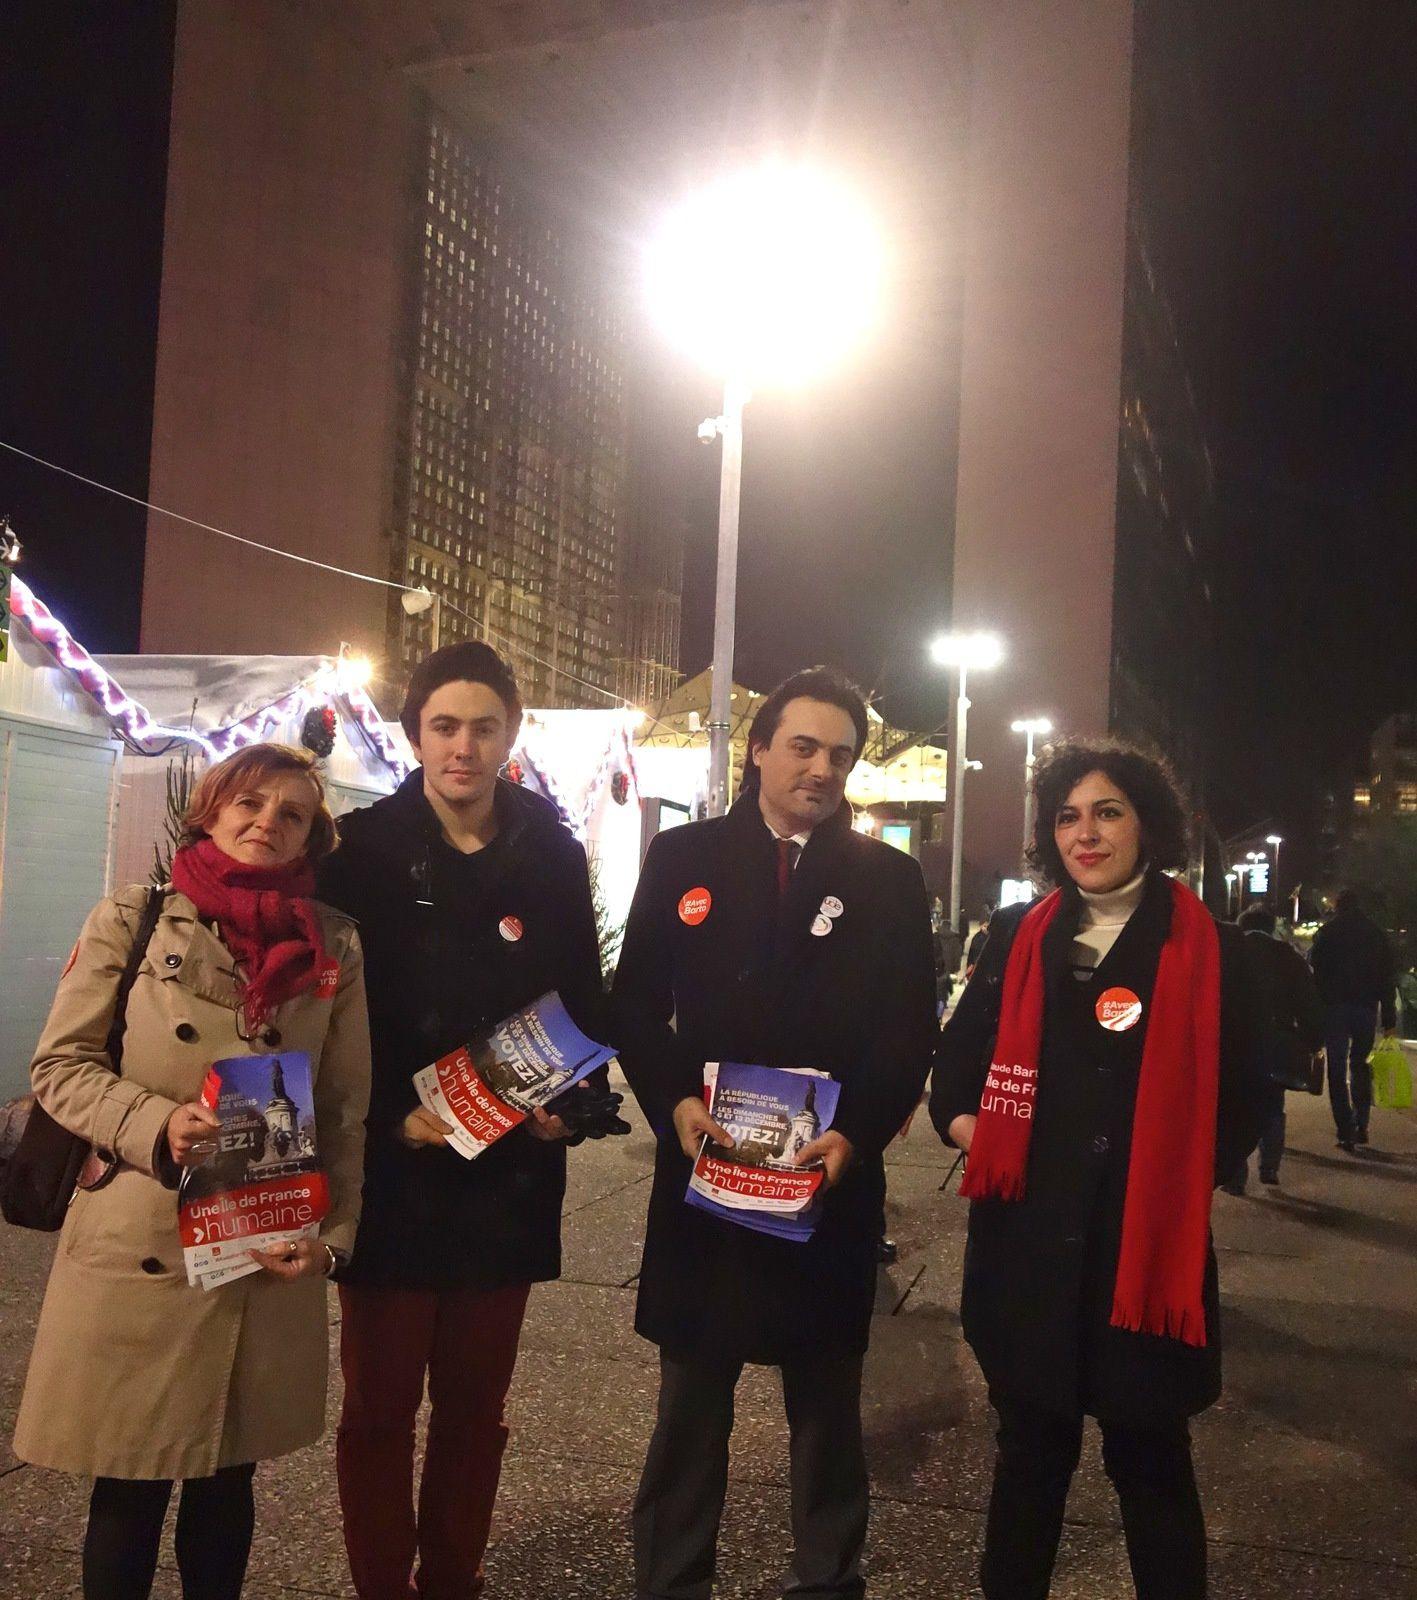 Les Asniérois du PS et du Front Dem en campagne !